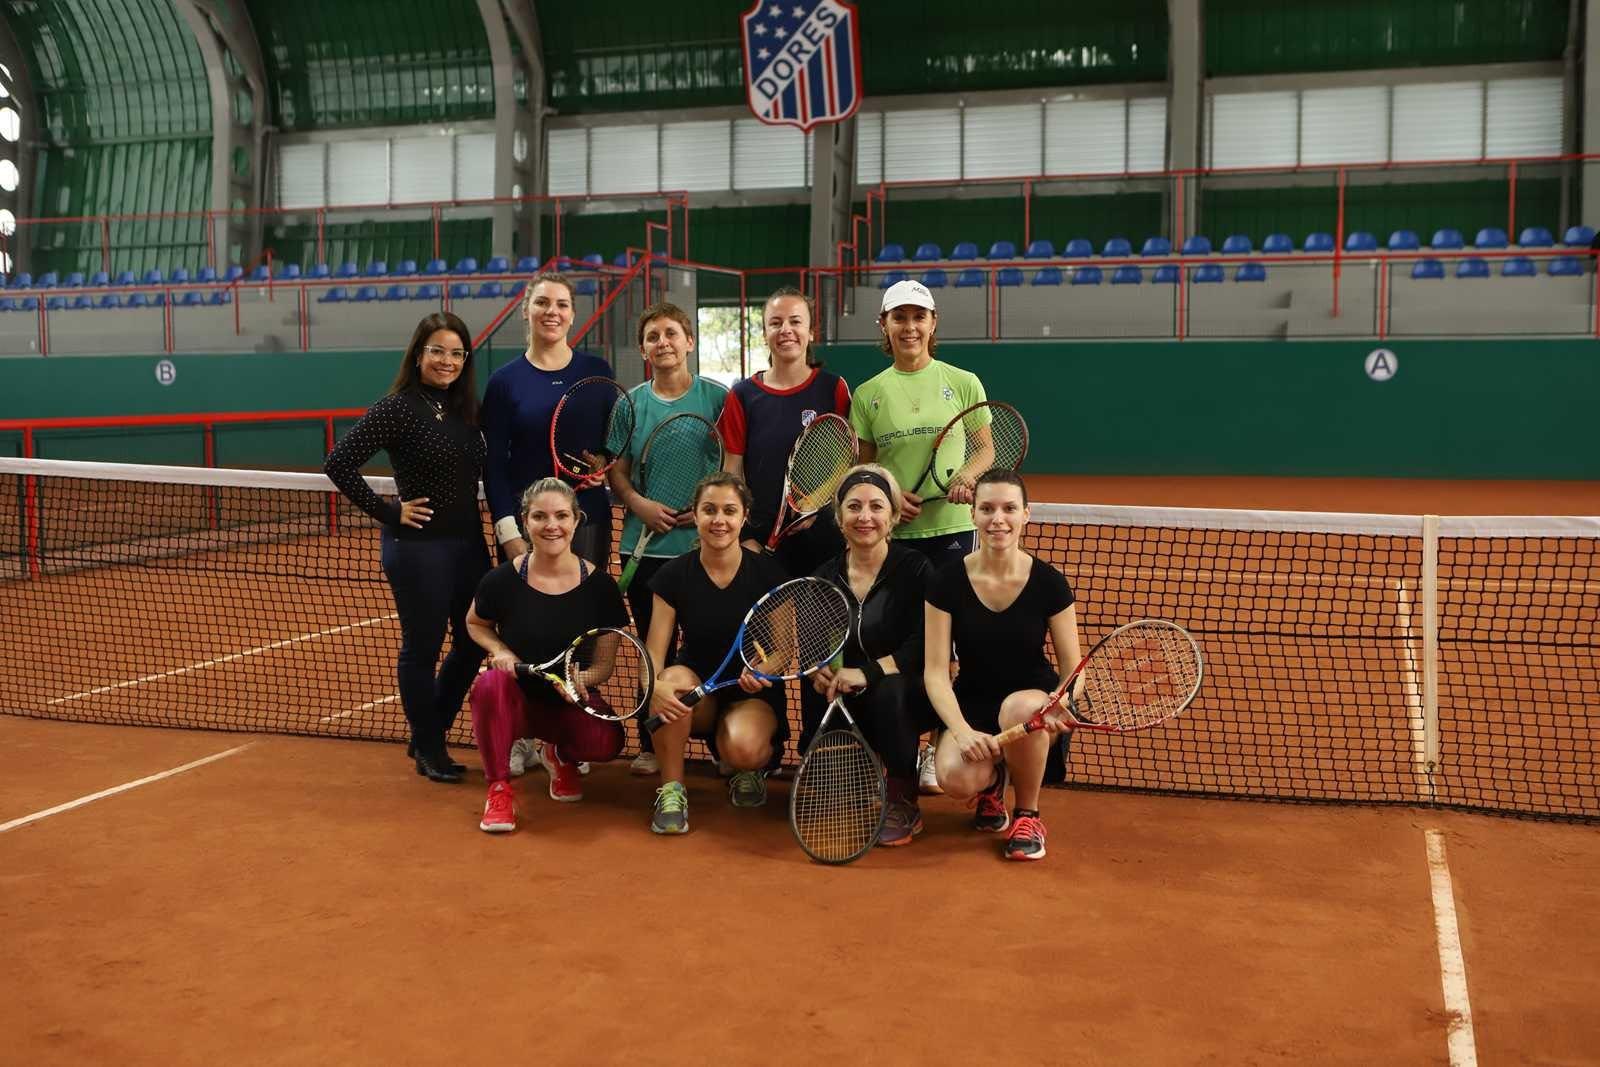 Torneio de Duplas - Inauguração do Ginásio de Tênis: confira os atletas premiados